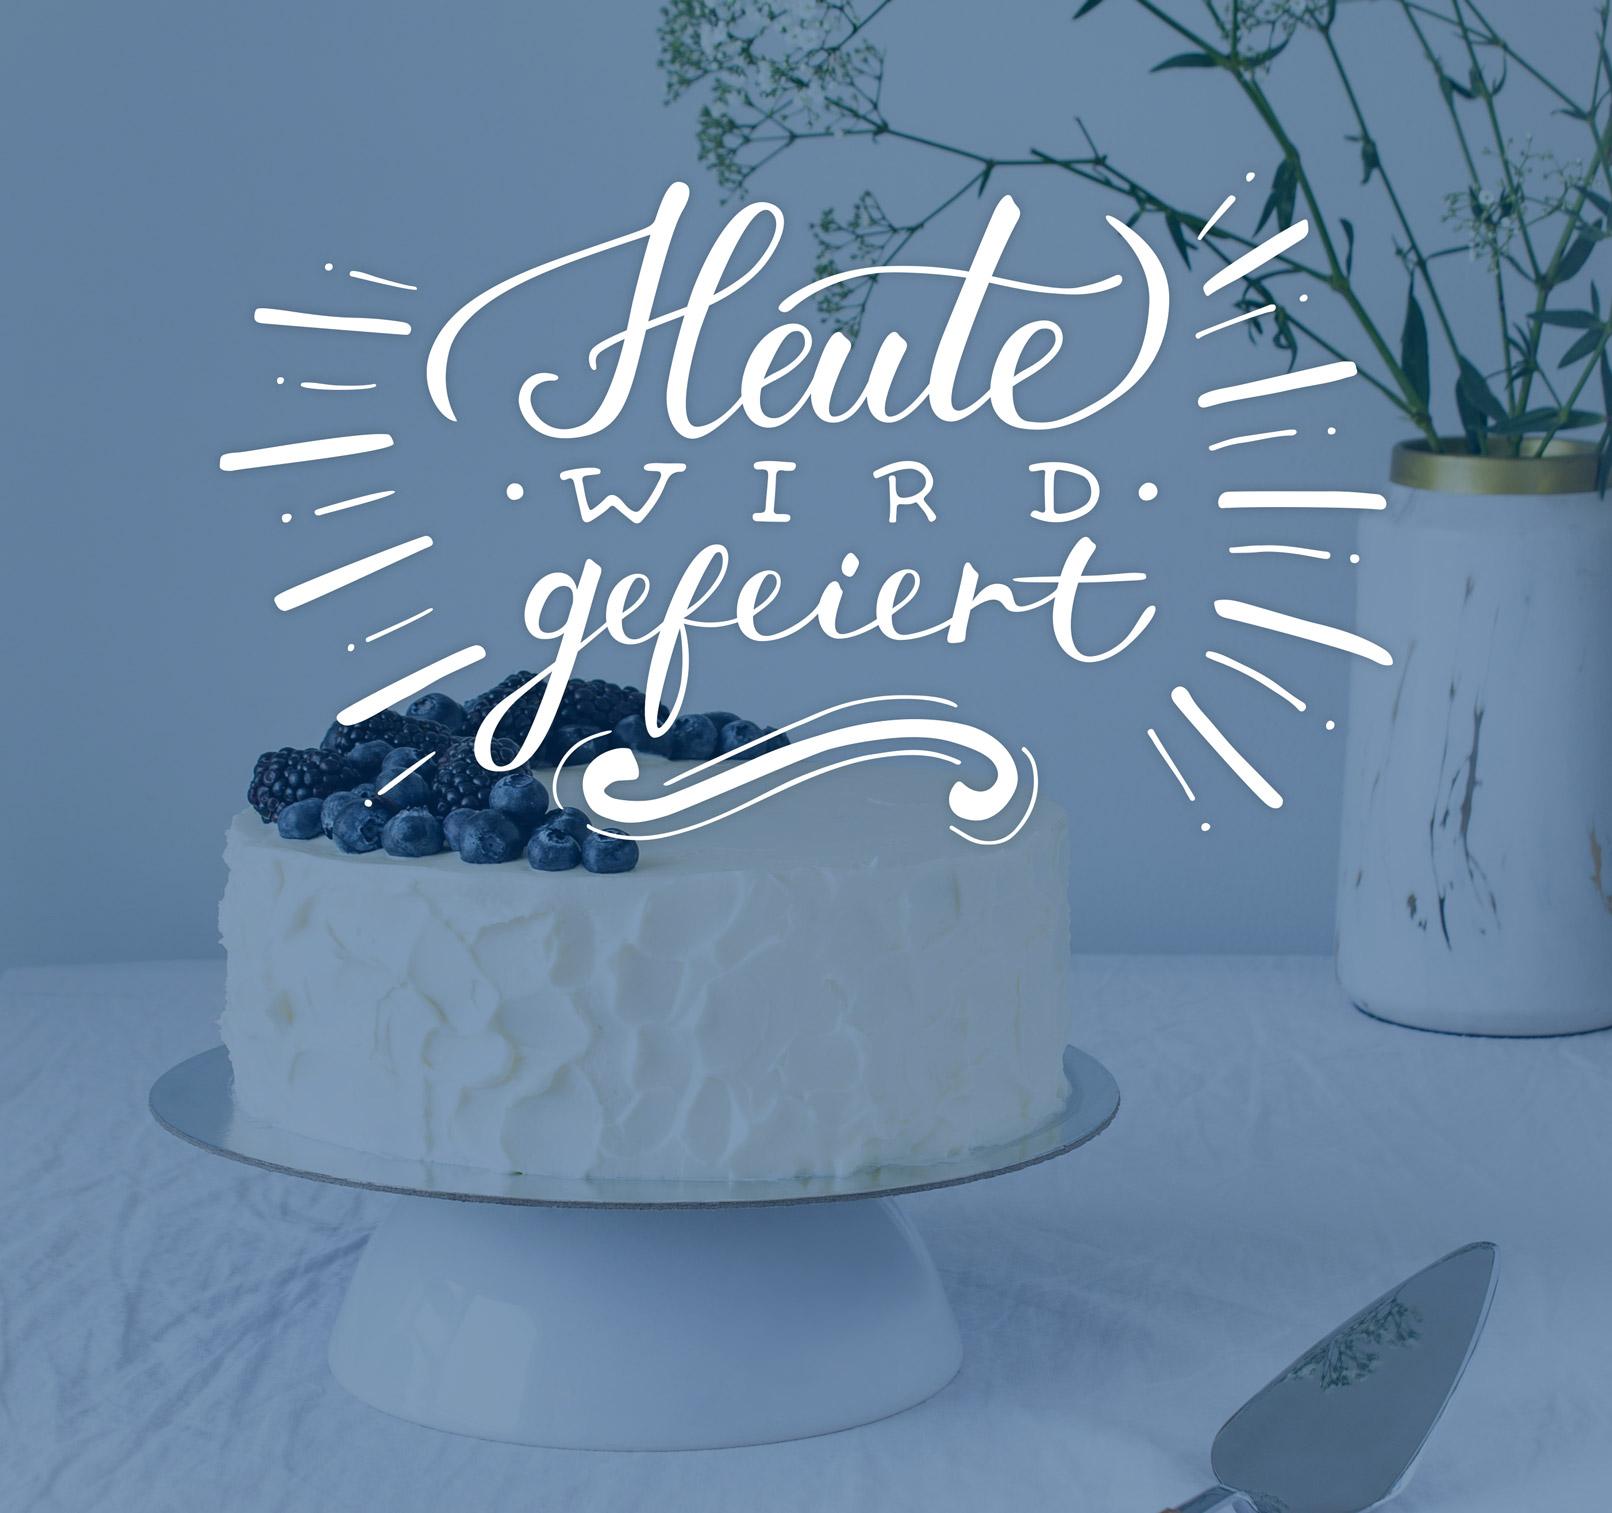 Geburtstagskarte, Torte im Hintergrund, im Vordergrund ein Handlettering zur Einladung zu einem Geburtstag